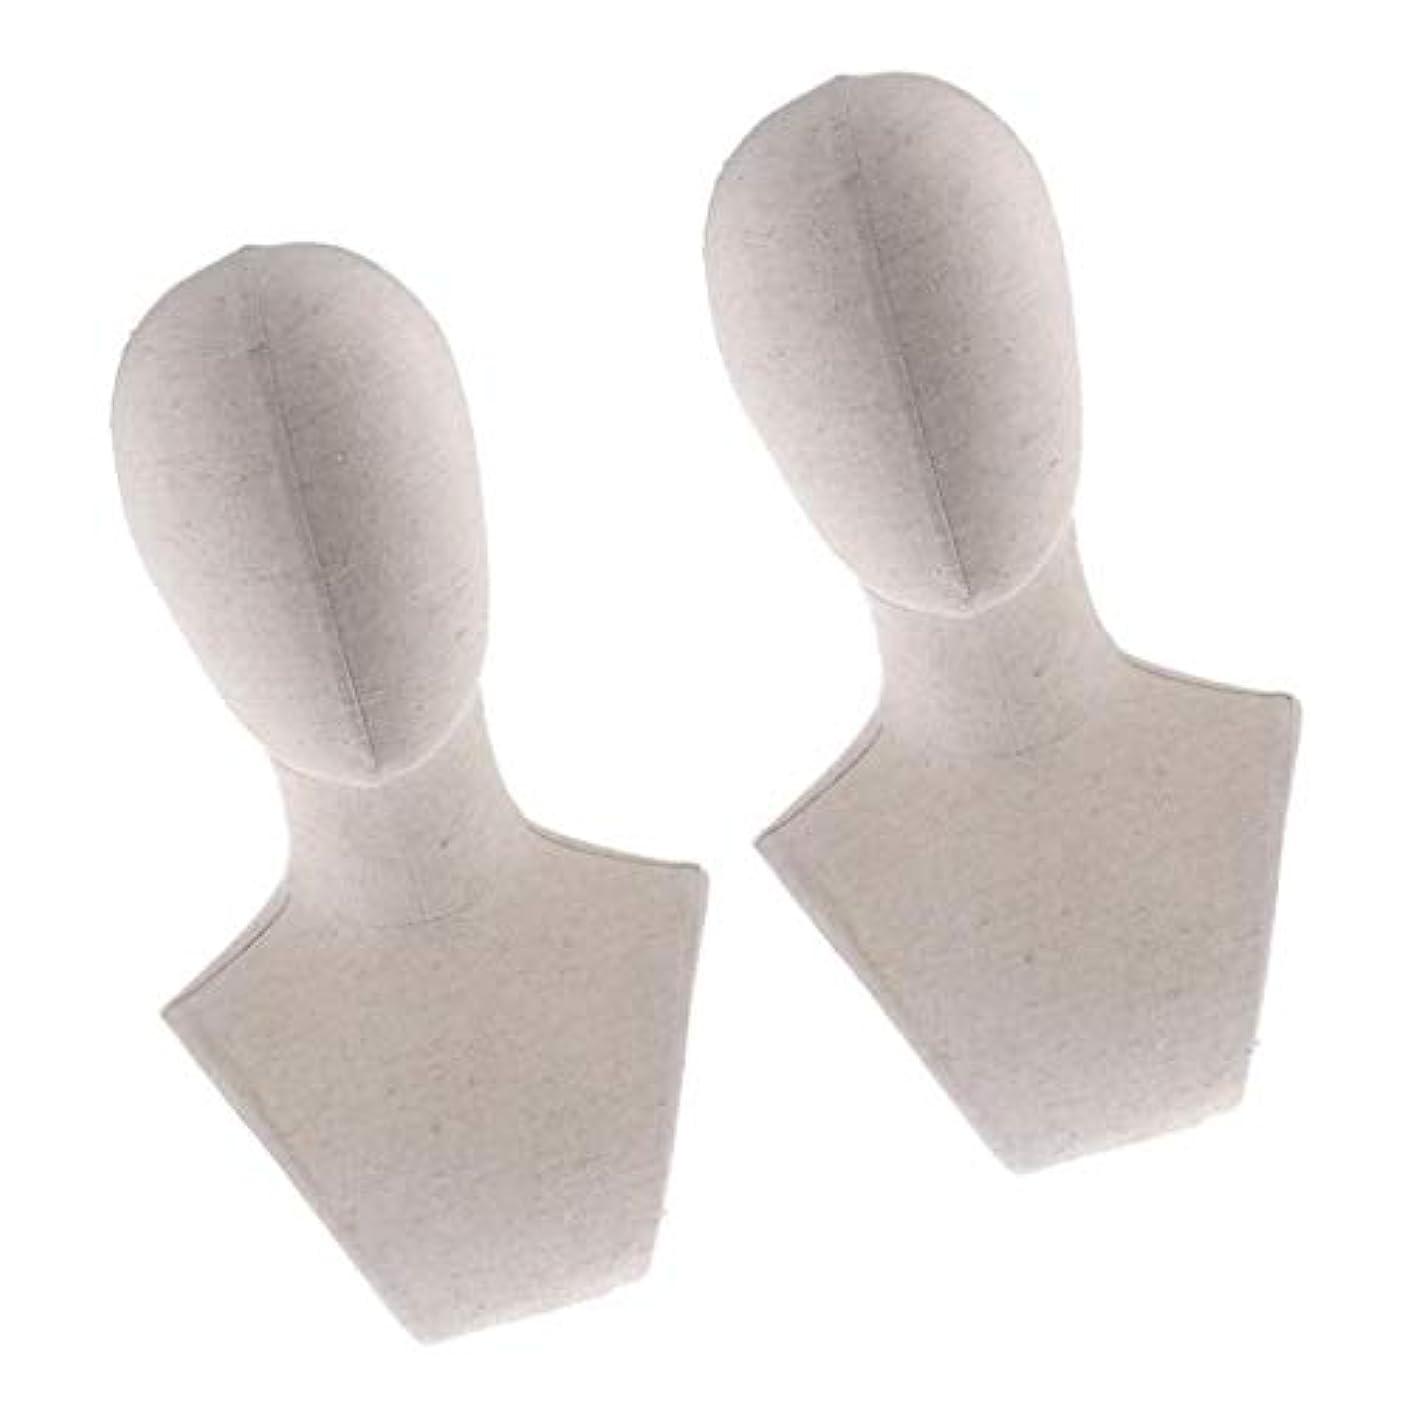 空洞叙情的な前投薬DYNWAVE プラスチック マネキン ヘッド トルソー 頭 カット練習 頭部 女性 ウィッグマネキン ウィッグスタンド2個